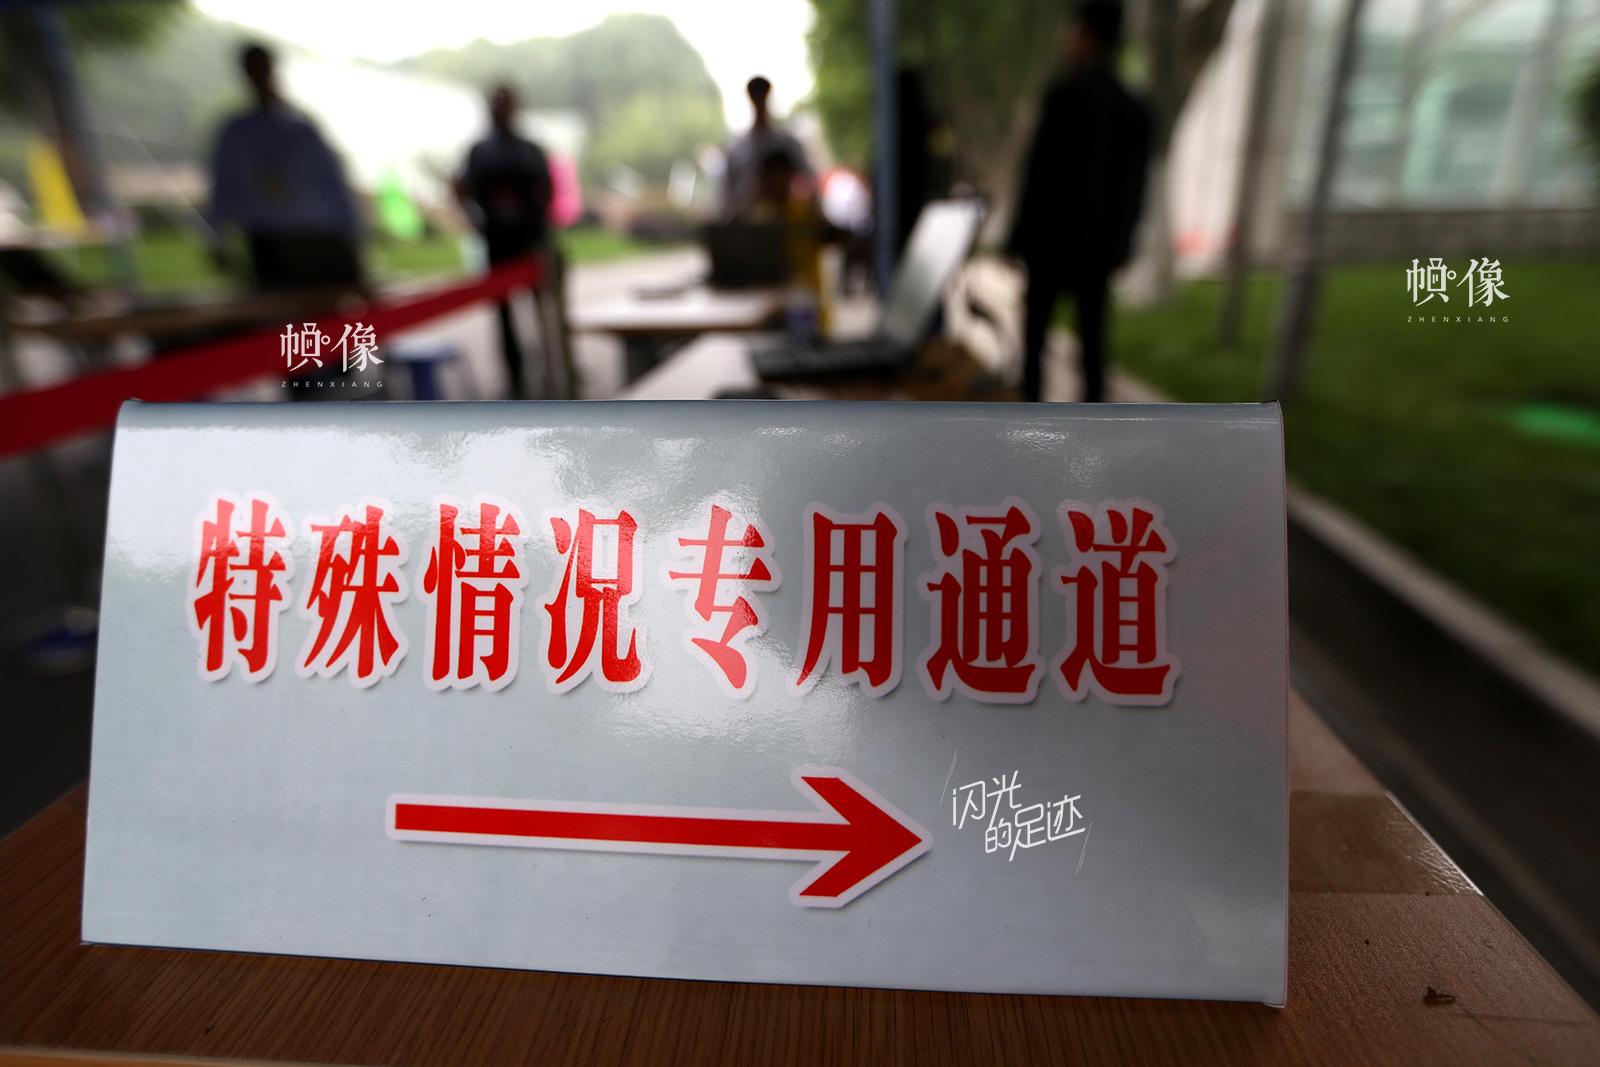 2016年6月7日,全国高考第一天,南京师范大学附属中学考点的特殊情况专用通道。(视觉中国)